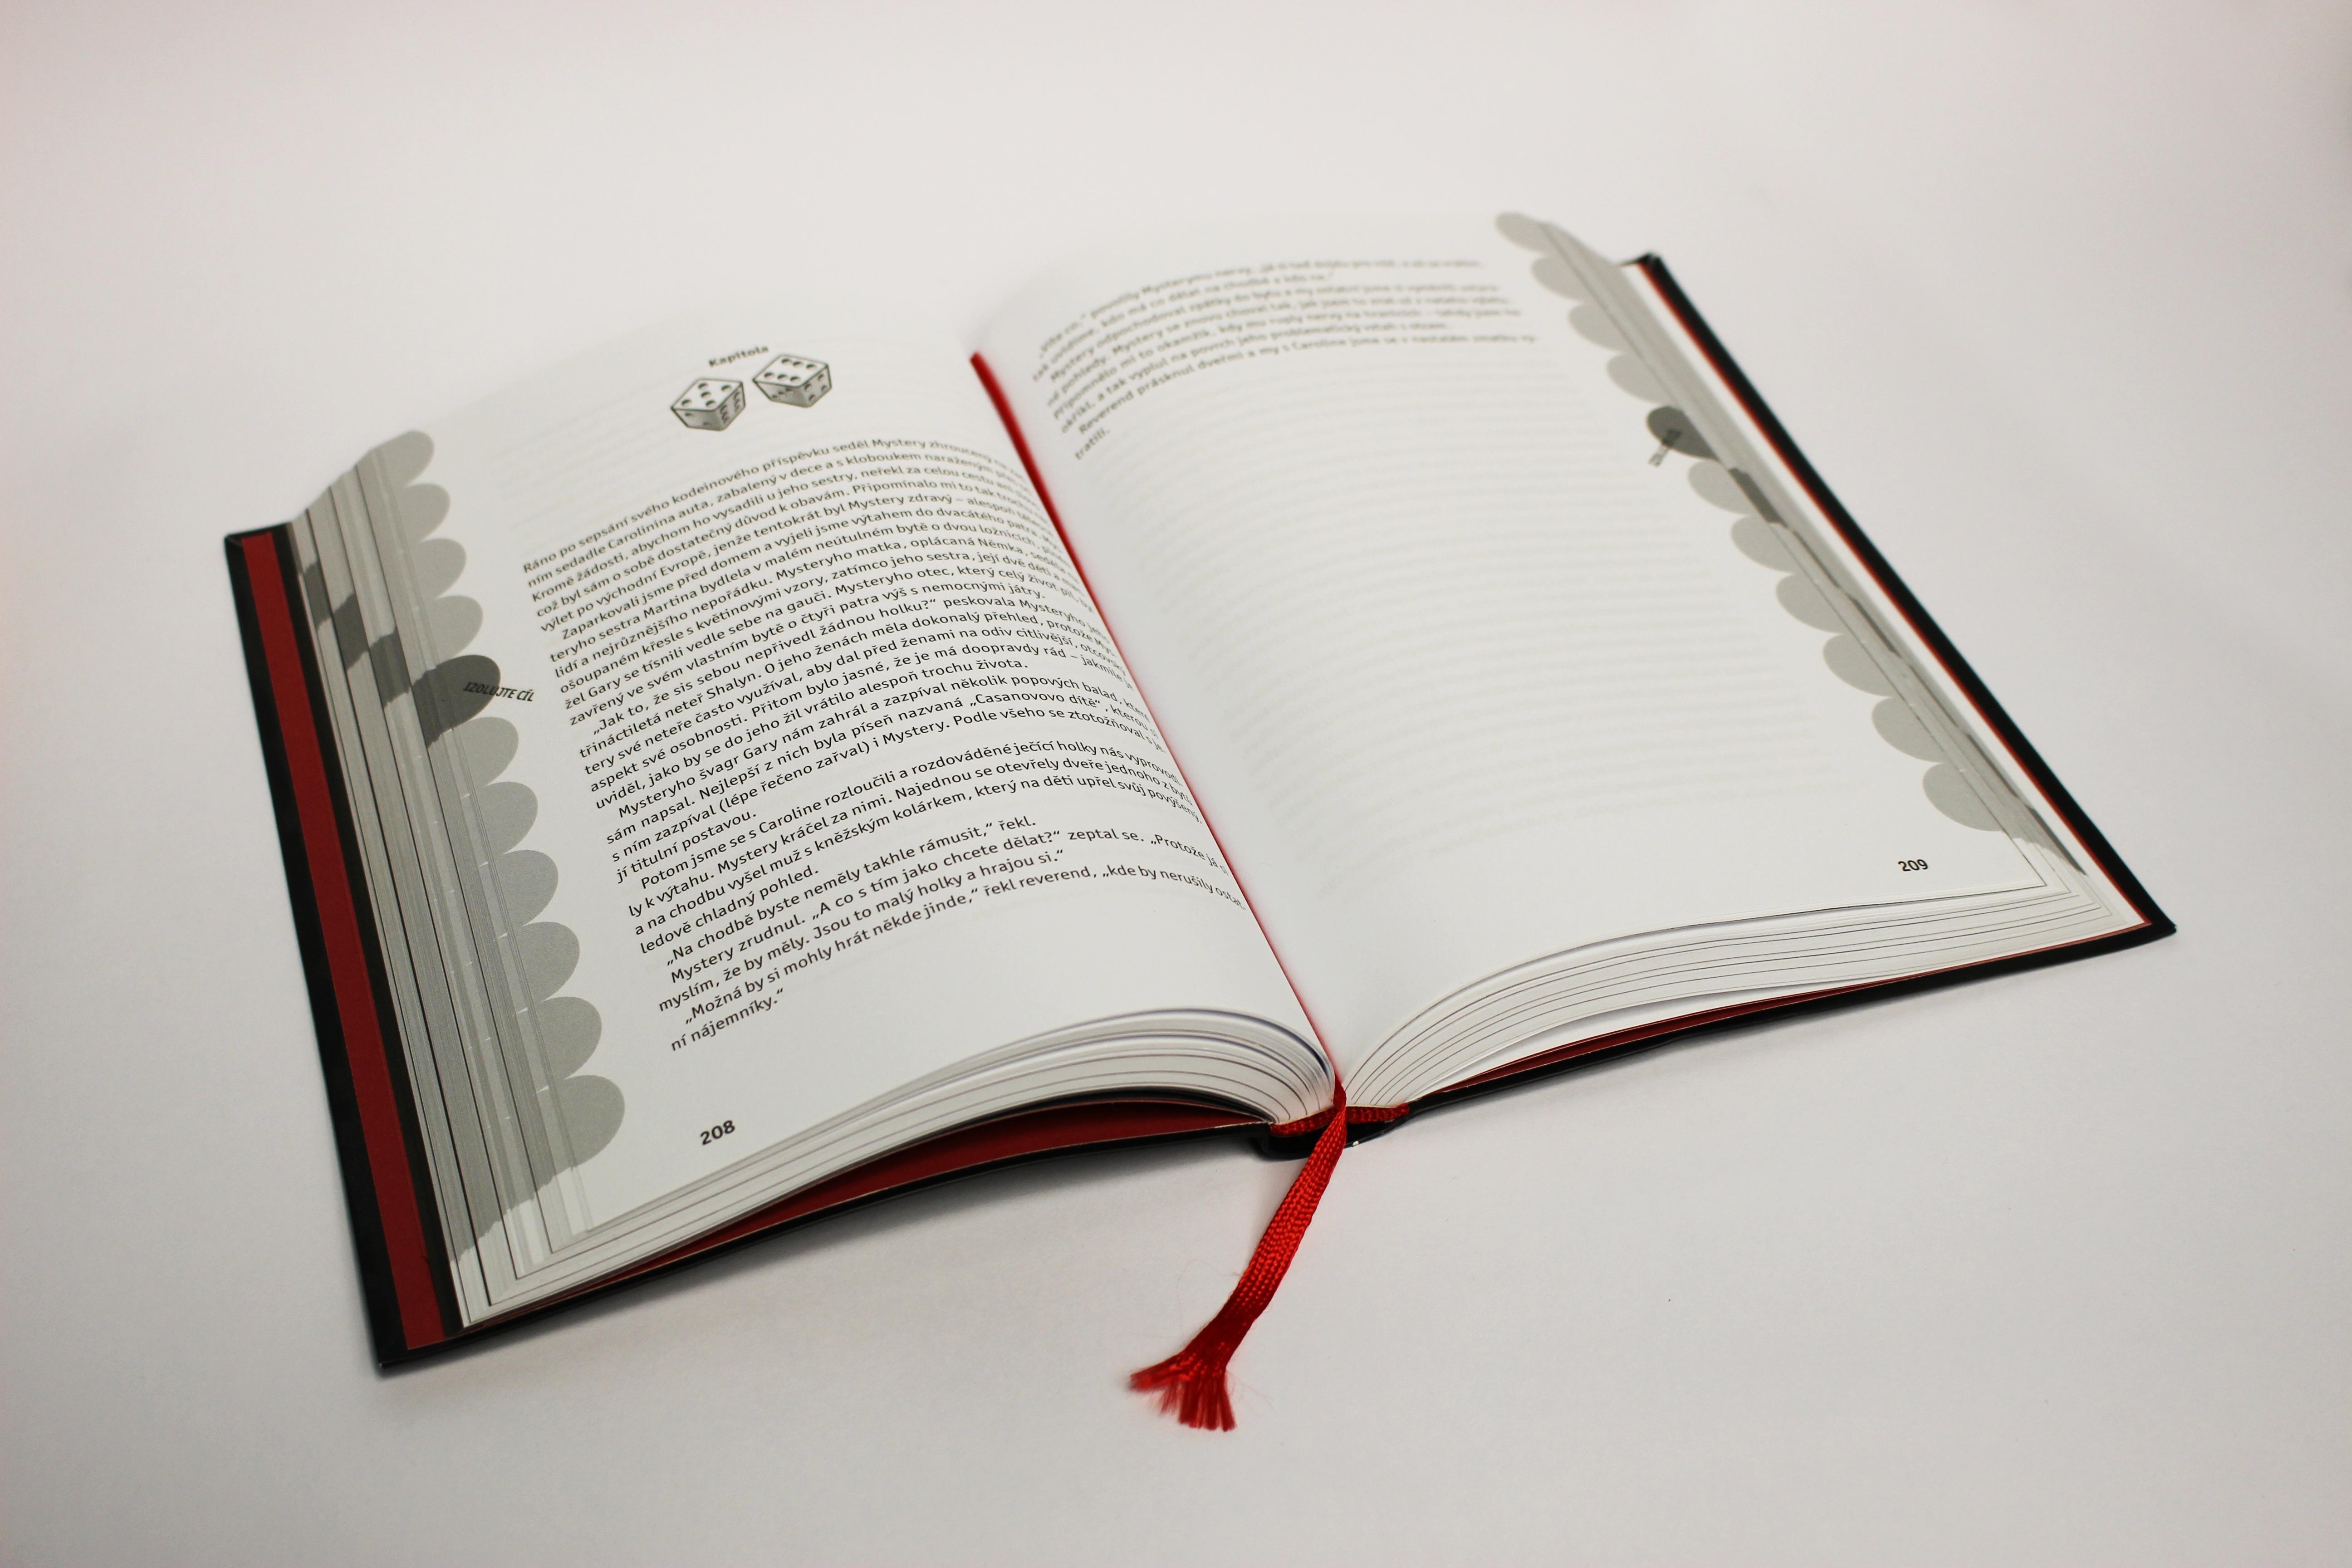 Gambar Penulisan Book Bacaan Merek Produk Seni